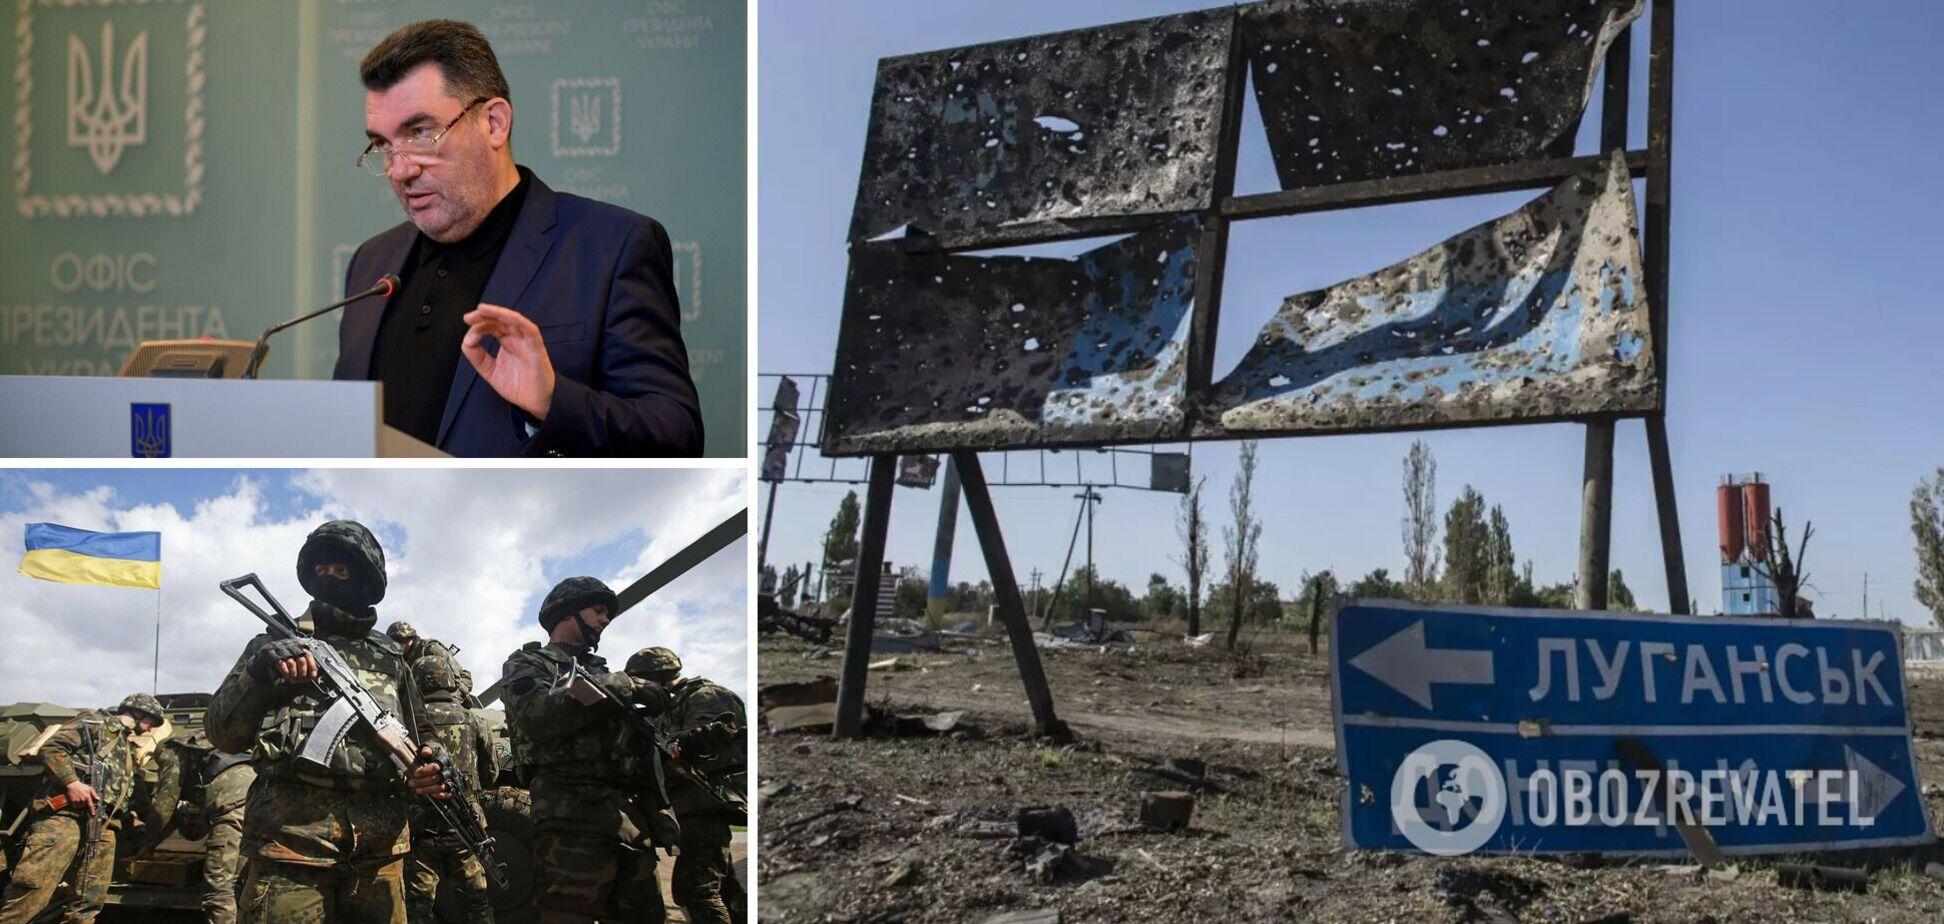 Данілов – про наступ на Донбас: ЗСУ здатні взяти Донецьк і Луганськ, але жертв ніхто не хоче